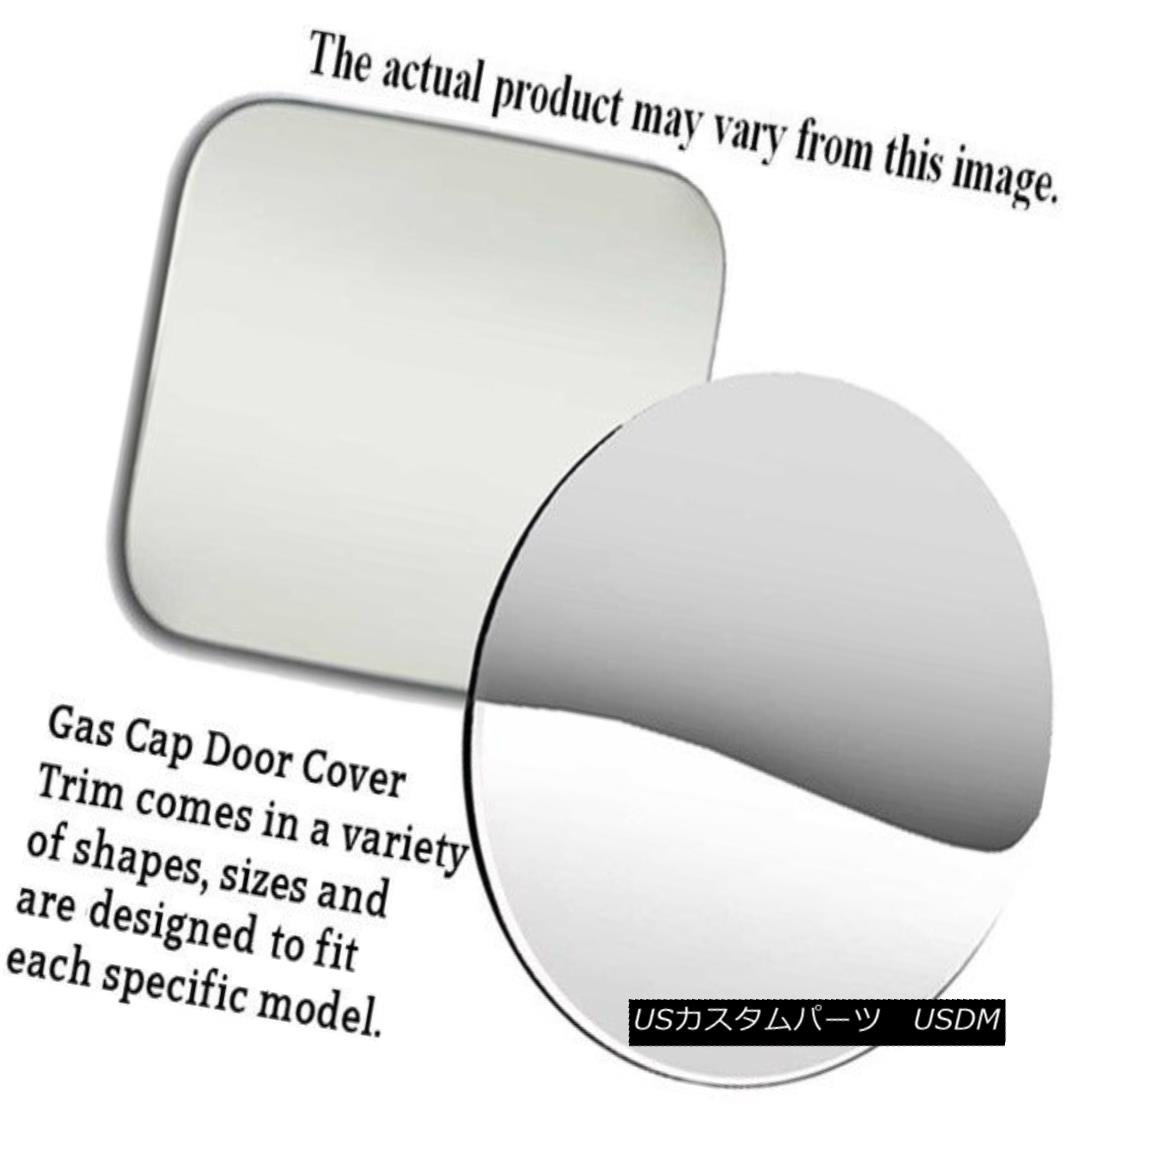 グリル Fits 1994-1996 CADILLAC SEDAN DEVILLE 4-door -Stainless Steel GAS CAP DOOR 1994-1996 CADILLAC SEDAN DEVILLE 4ドアステンレススチール製ガスケットドアに適合